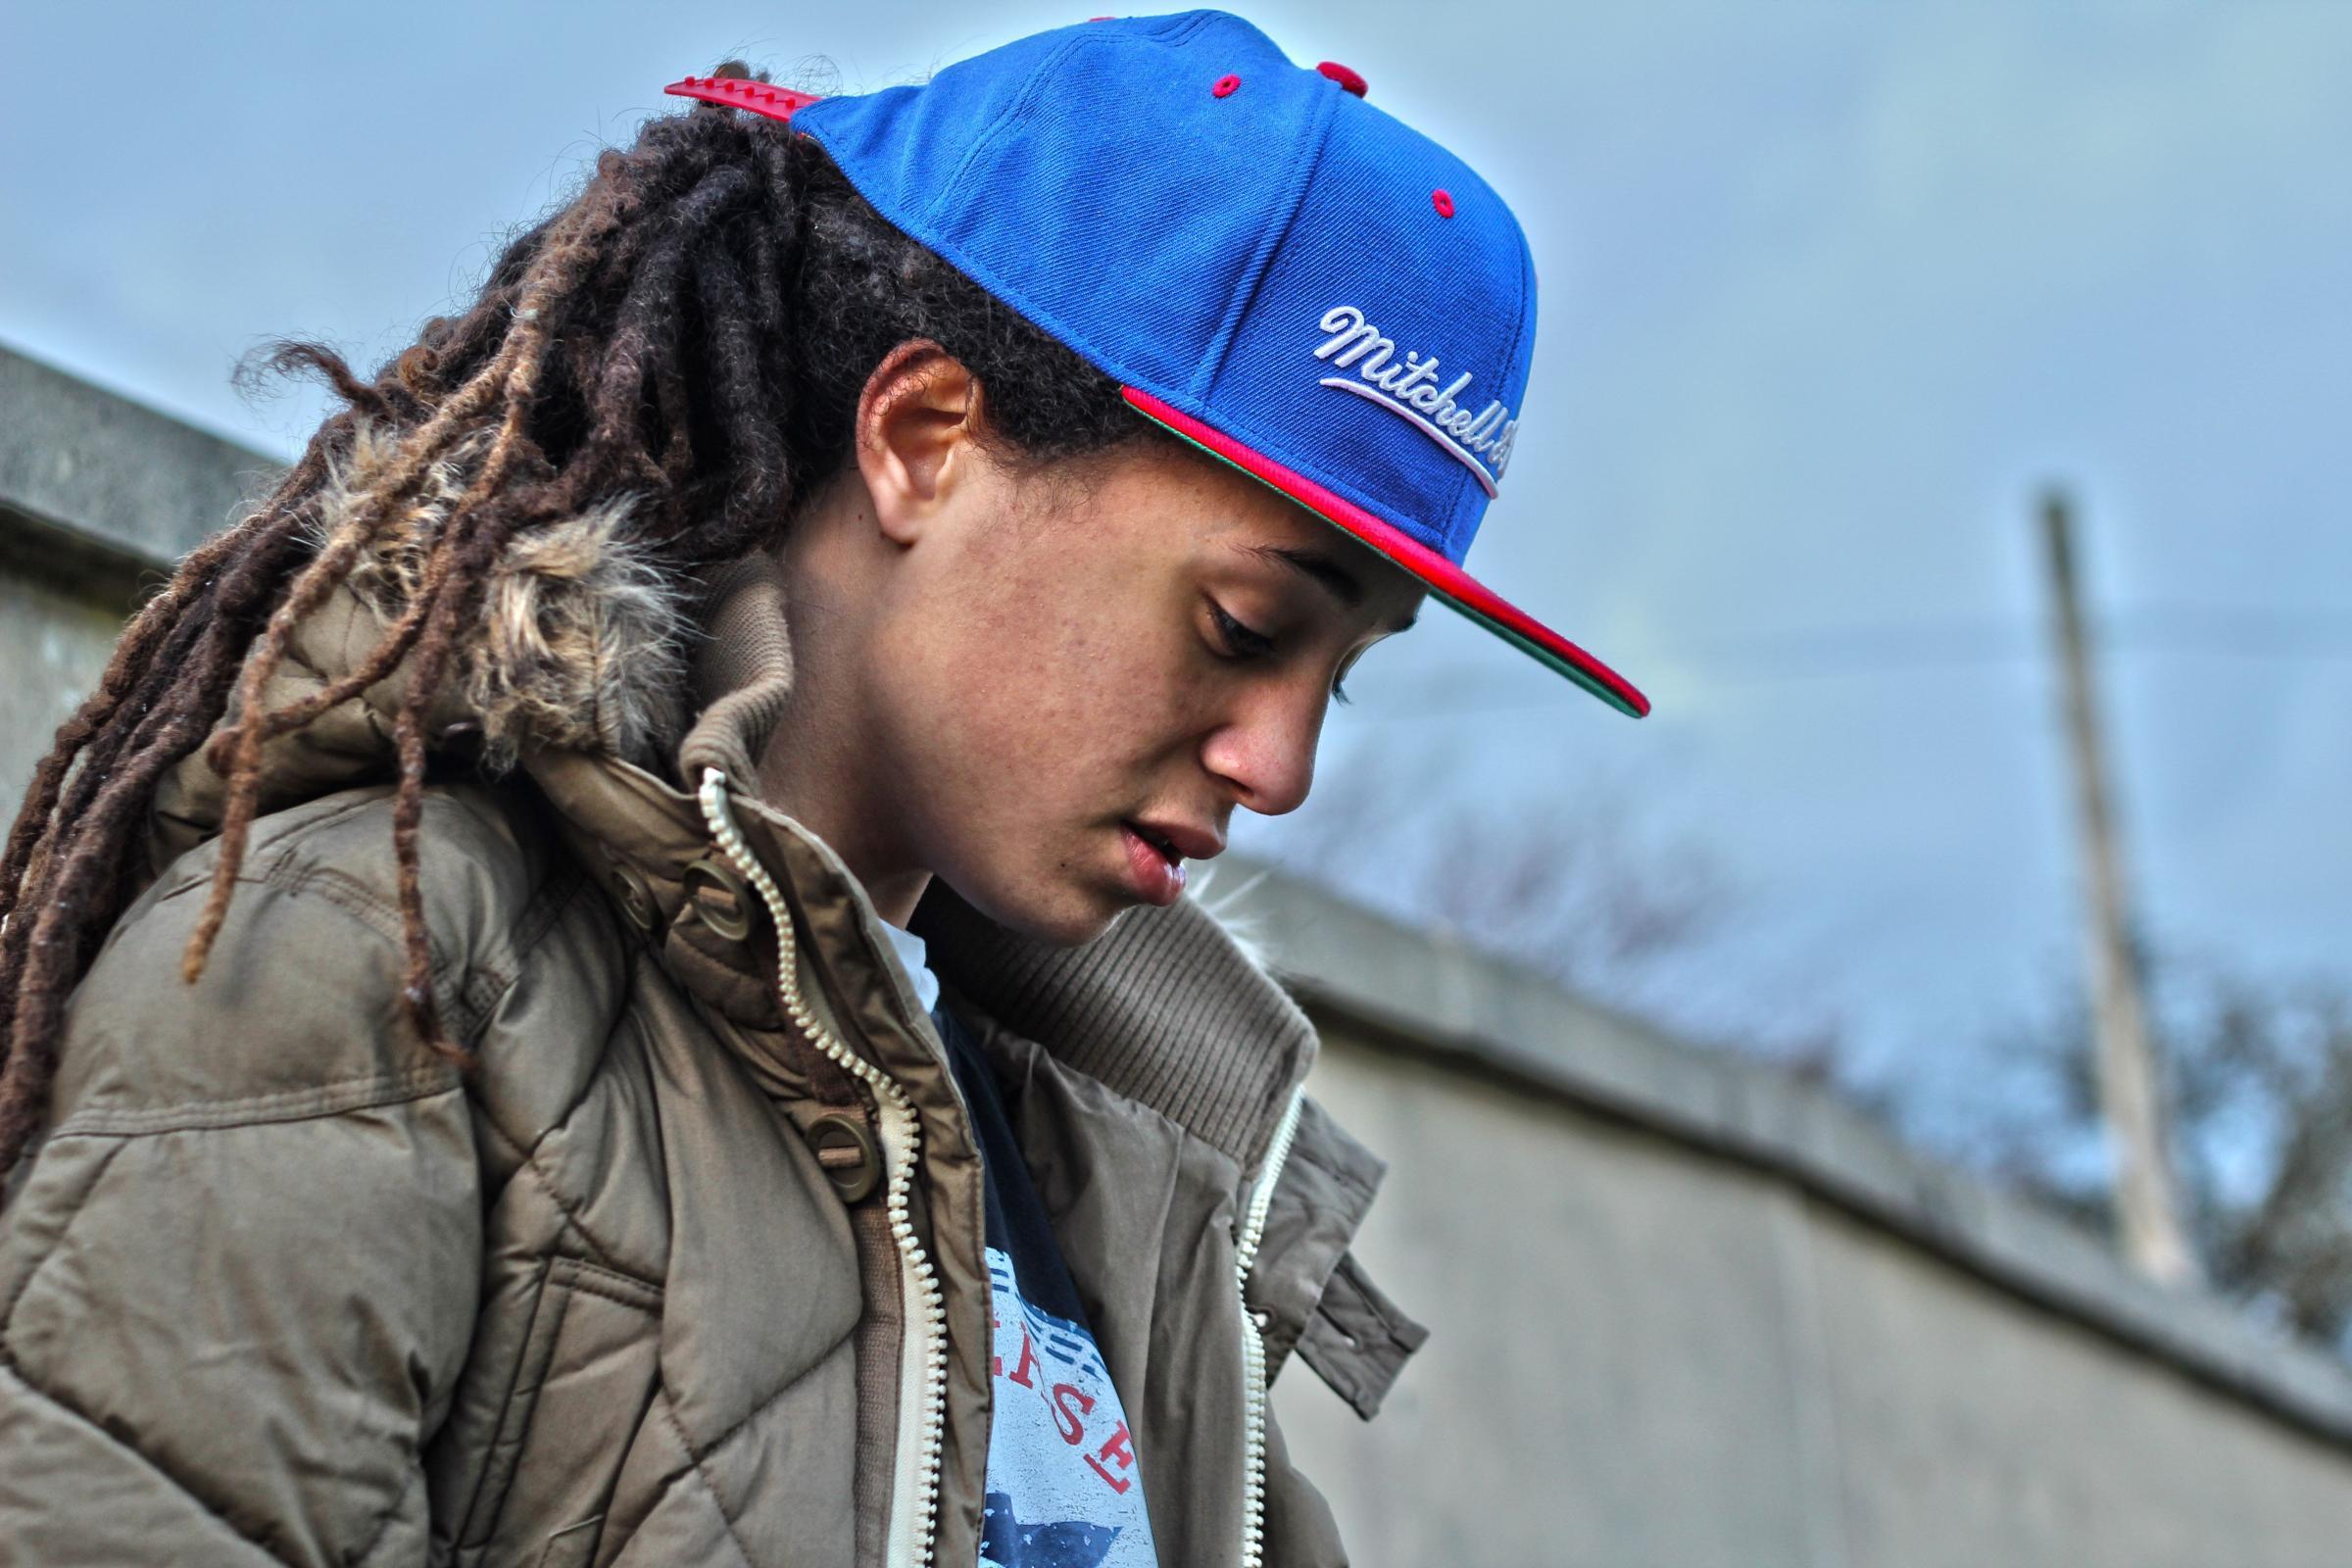 Future Rapper Dreads